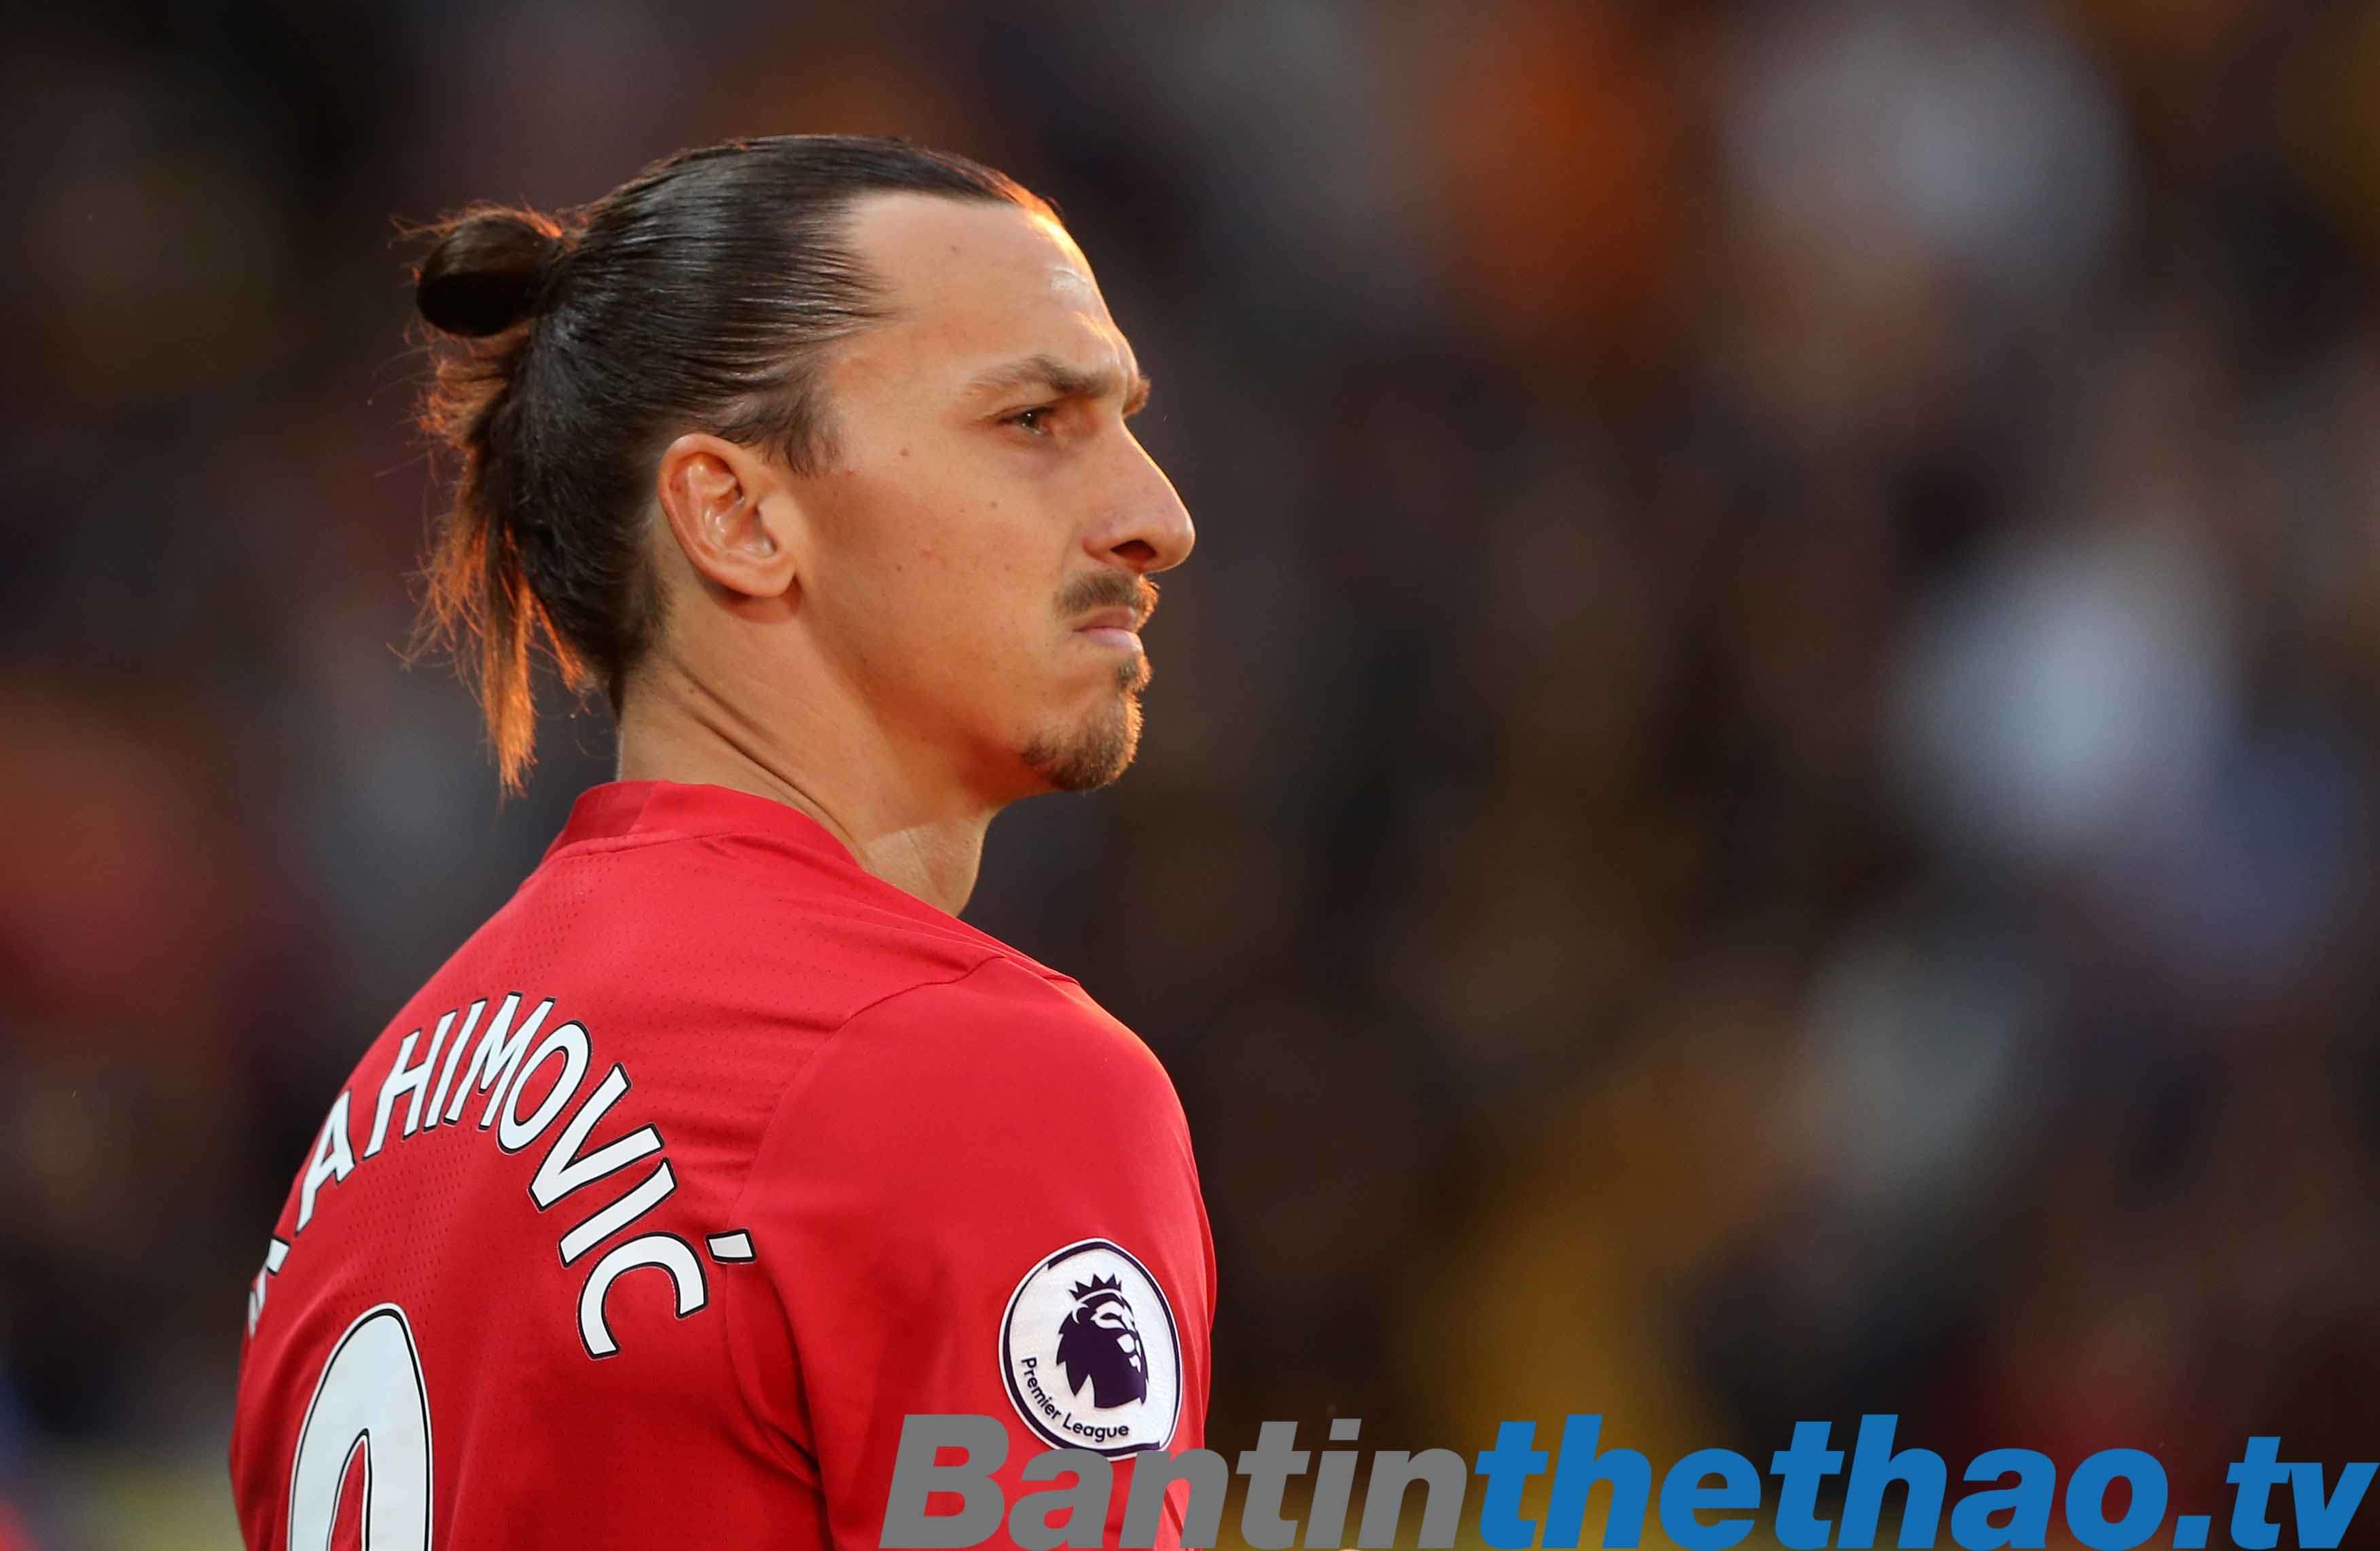 Nhưng Ibrahimovic sẽ có vai trò mới khi anh trở lại